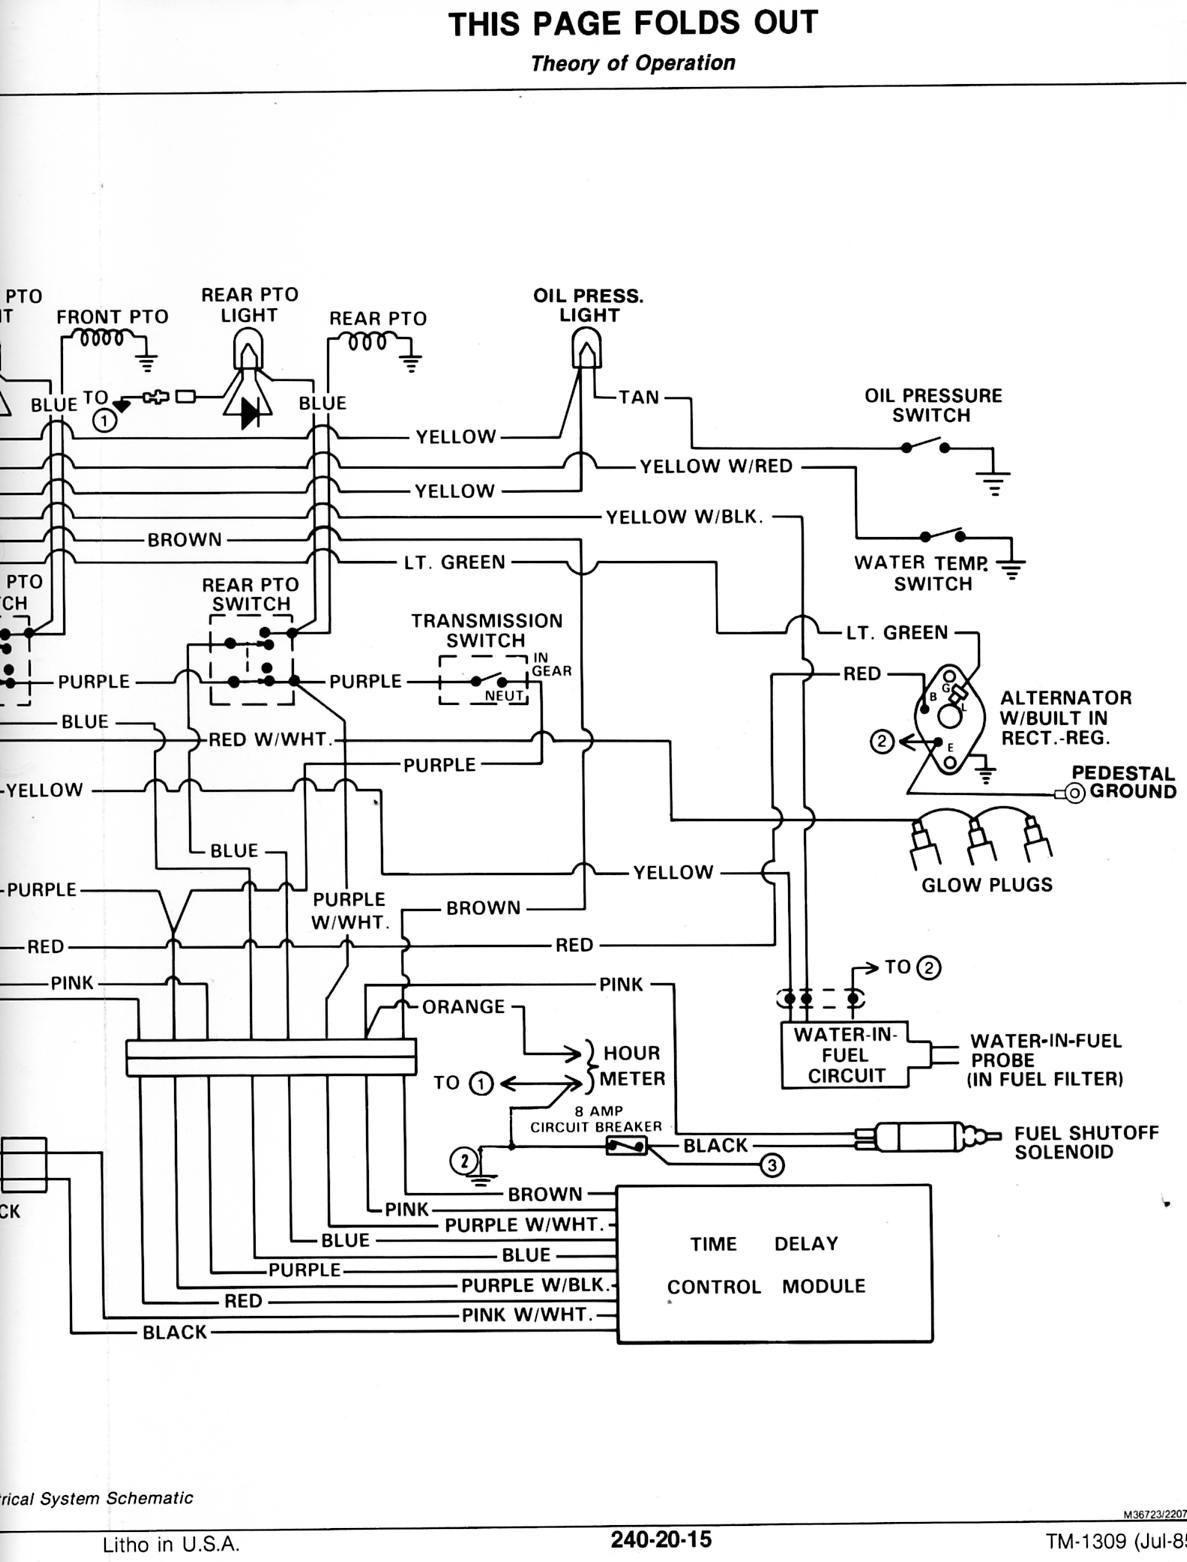 1070 case wiring diagram wiring diagram pass